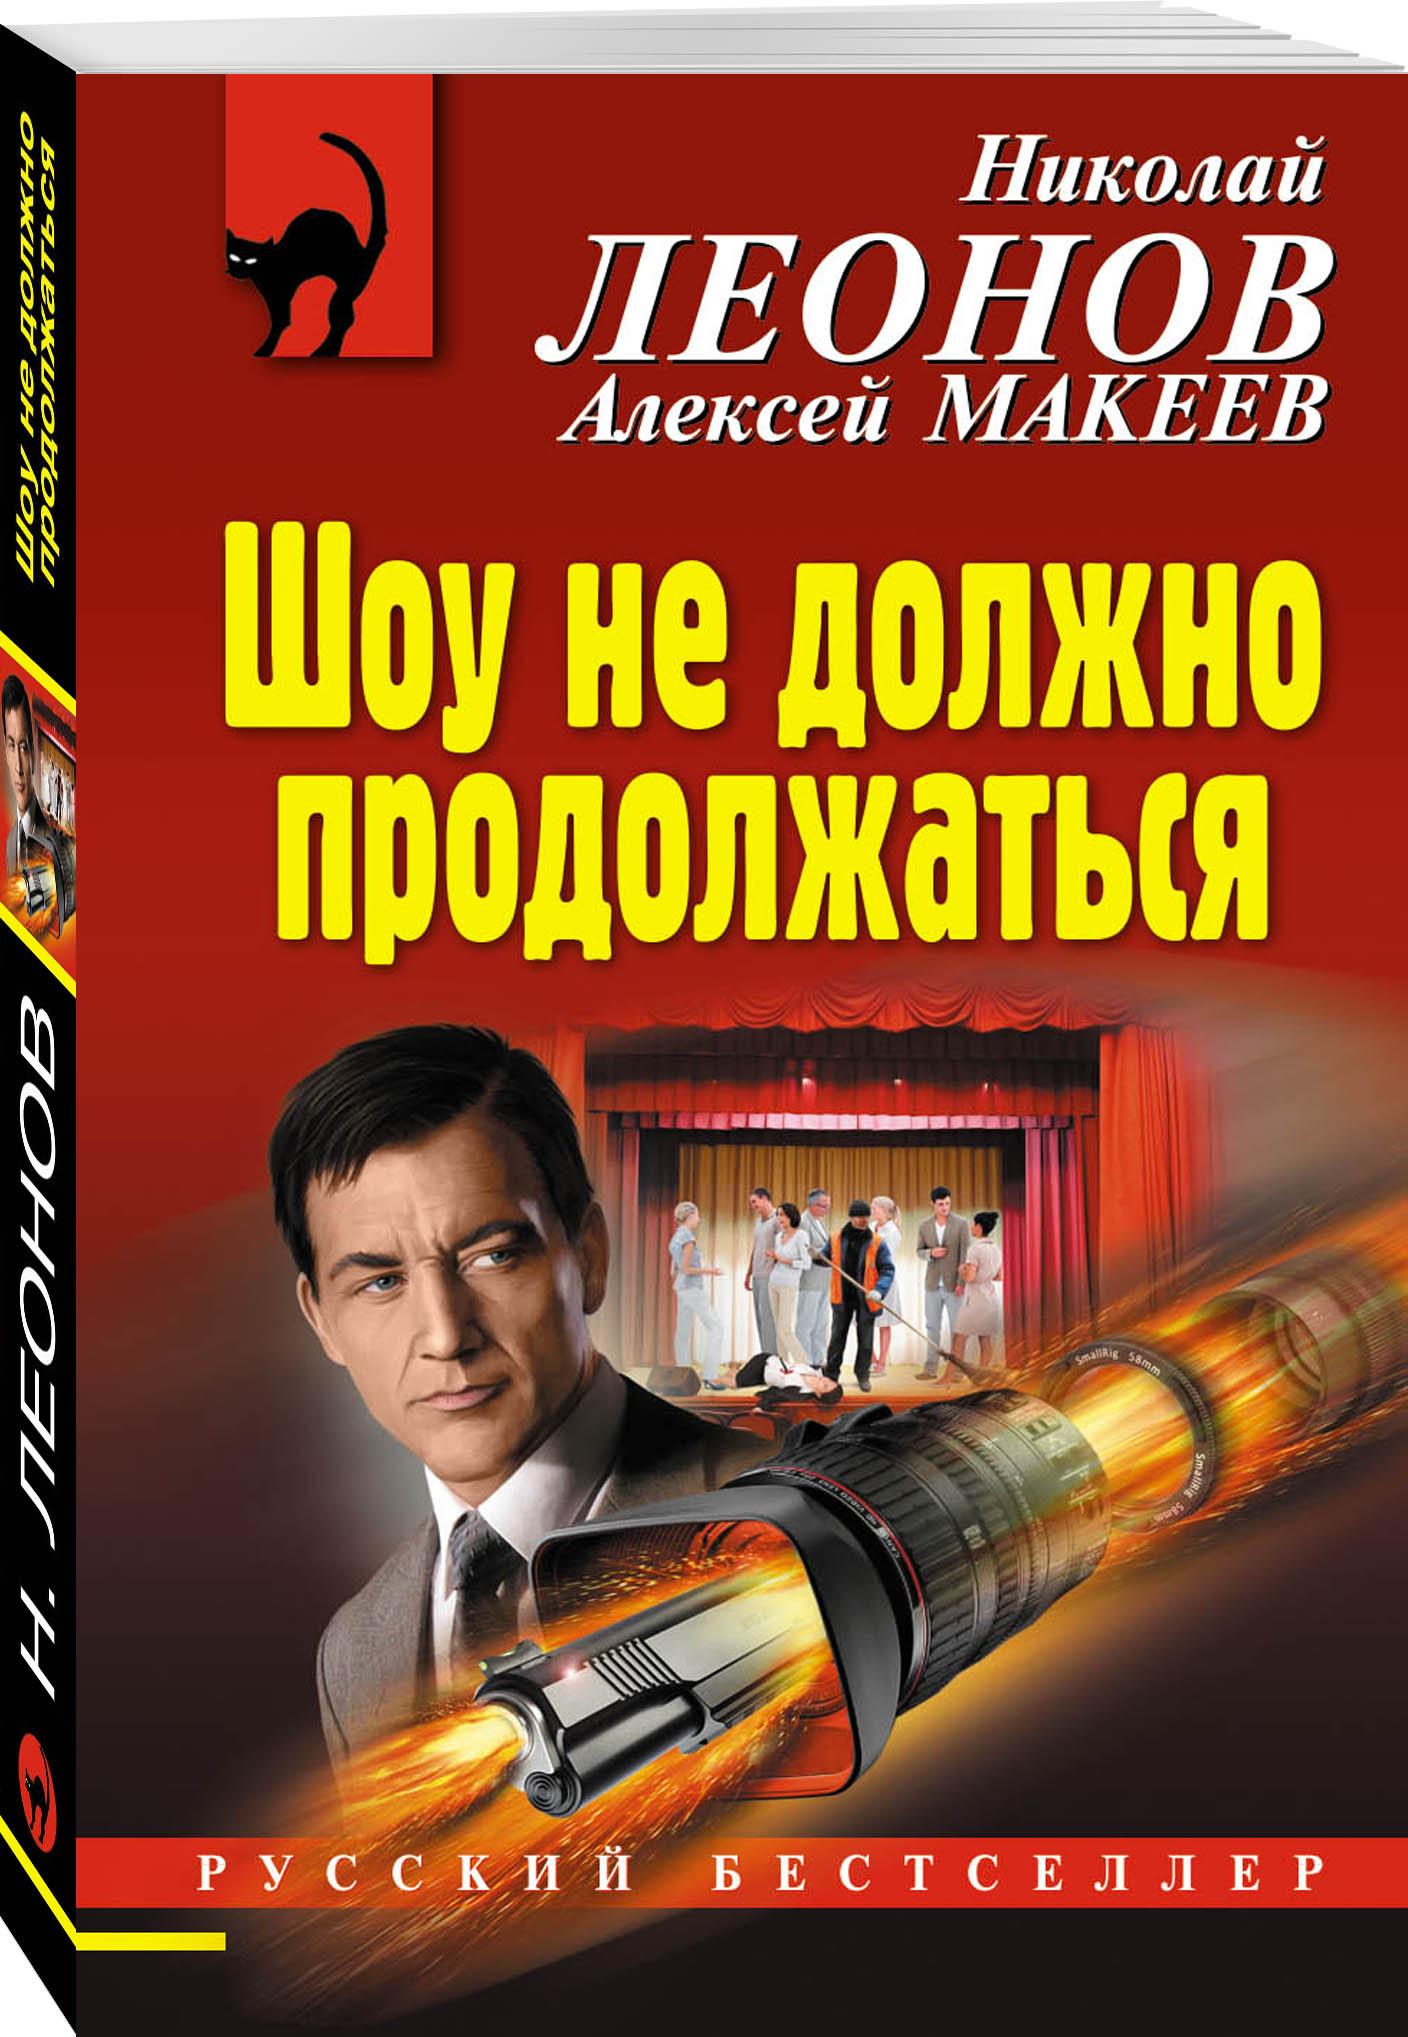 Николай Леонов, Алексей Макеев Шоу не должно продолжаться